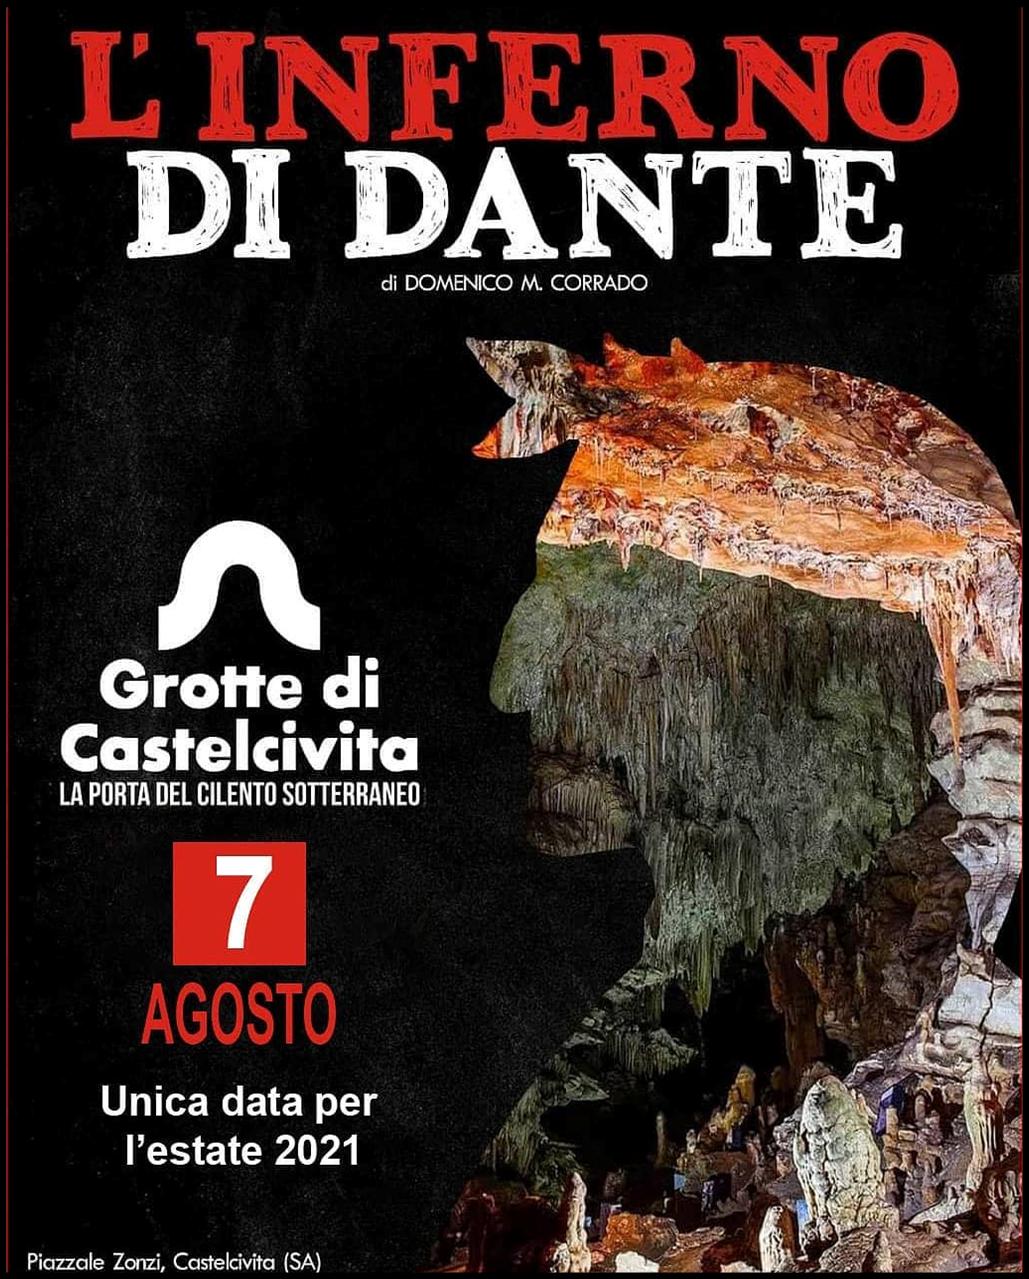 Inferno di Dante nelle Grotte di Castelcivita data evento 7 Agosto 2021